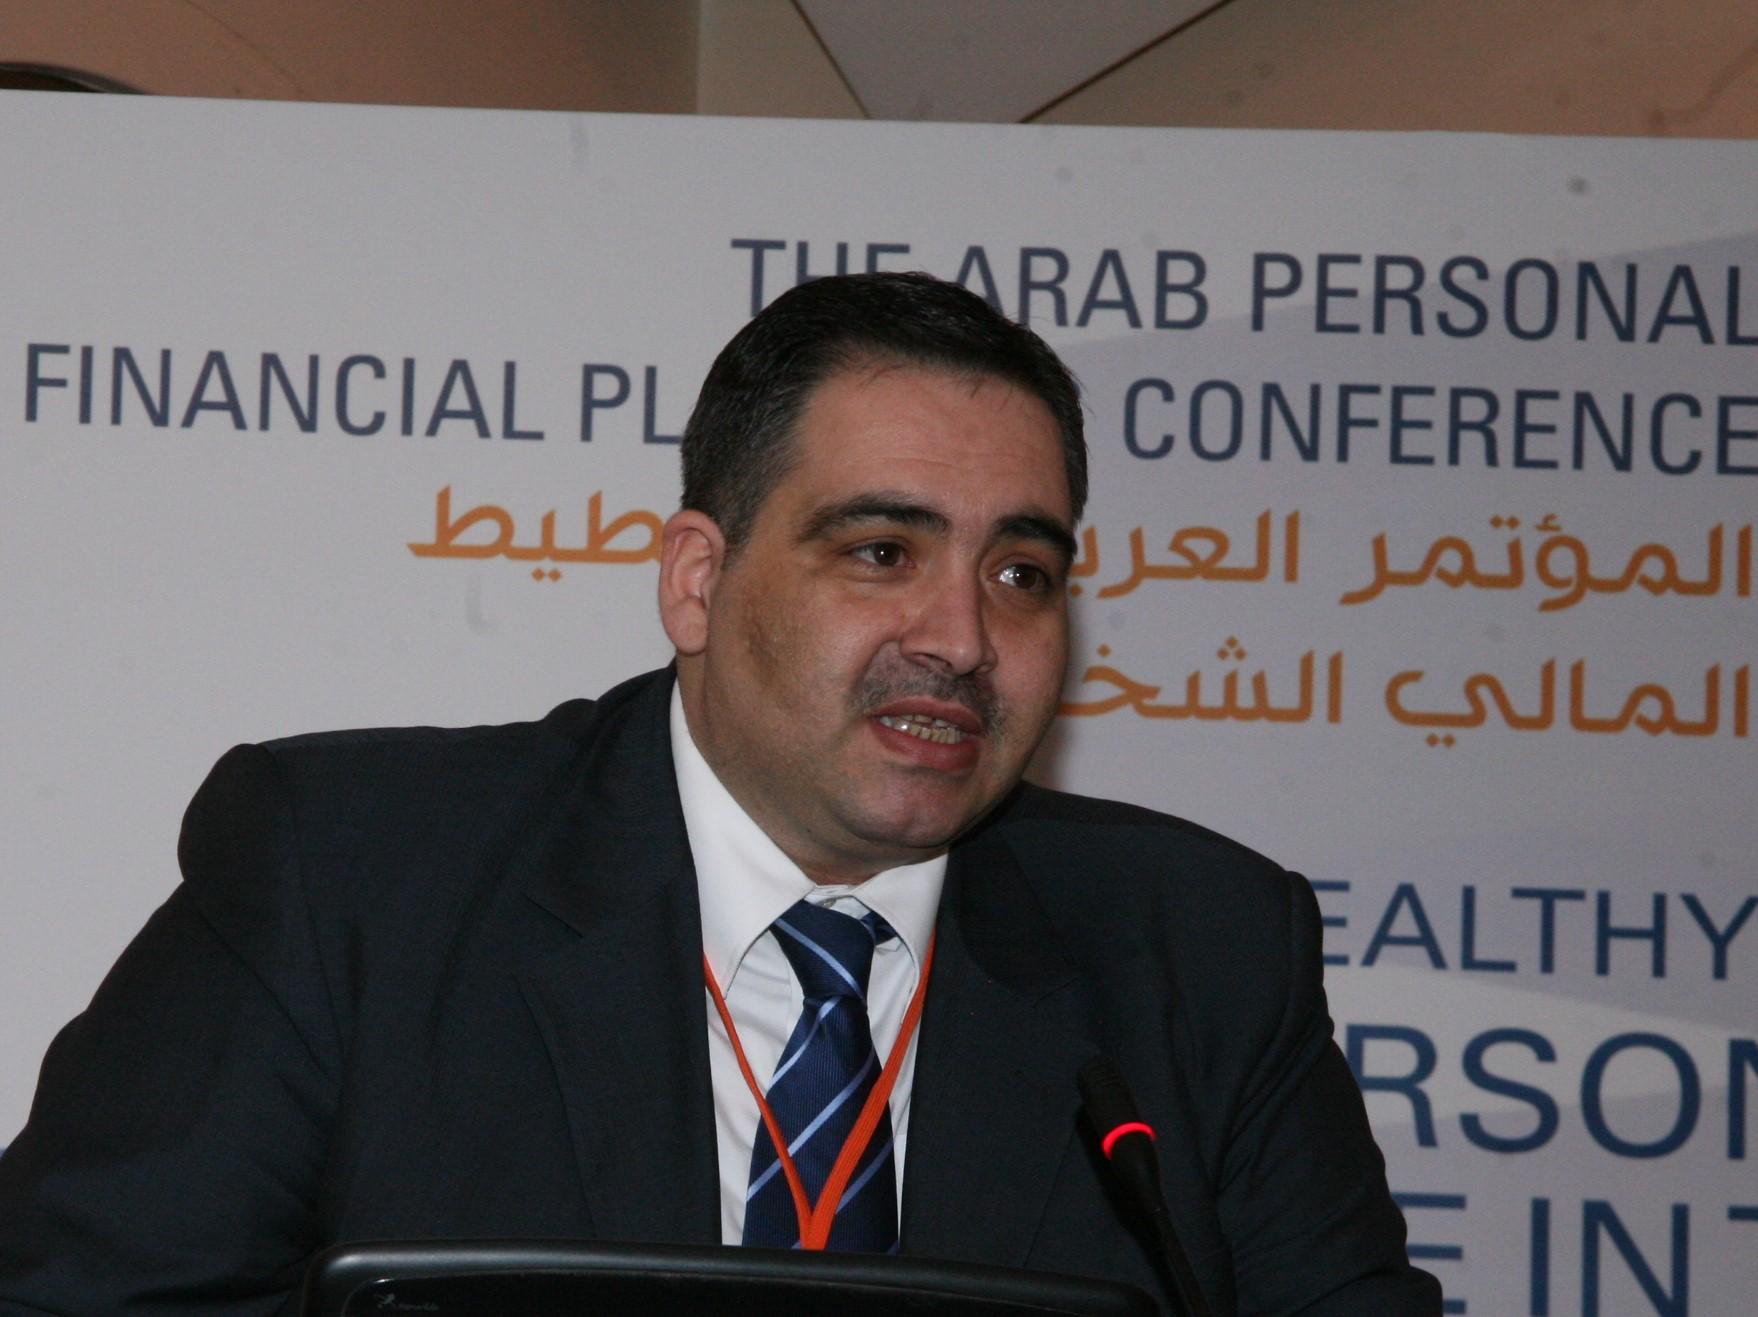 Mr. Sahel Annabi